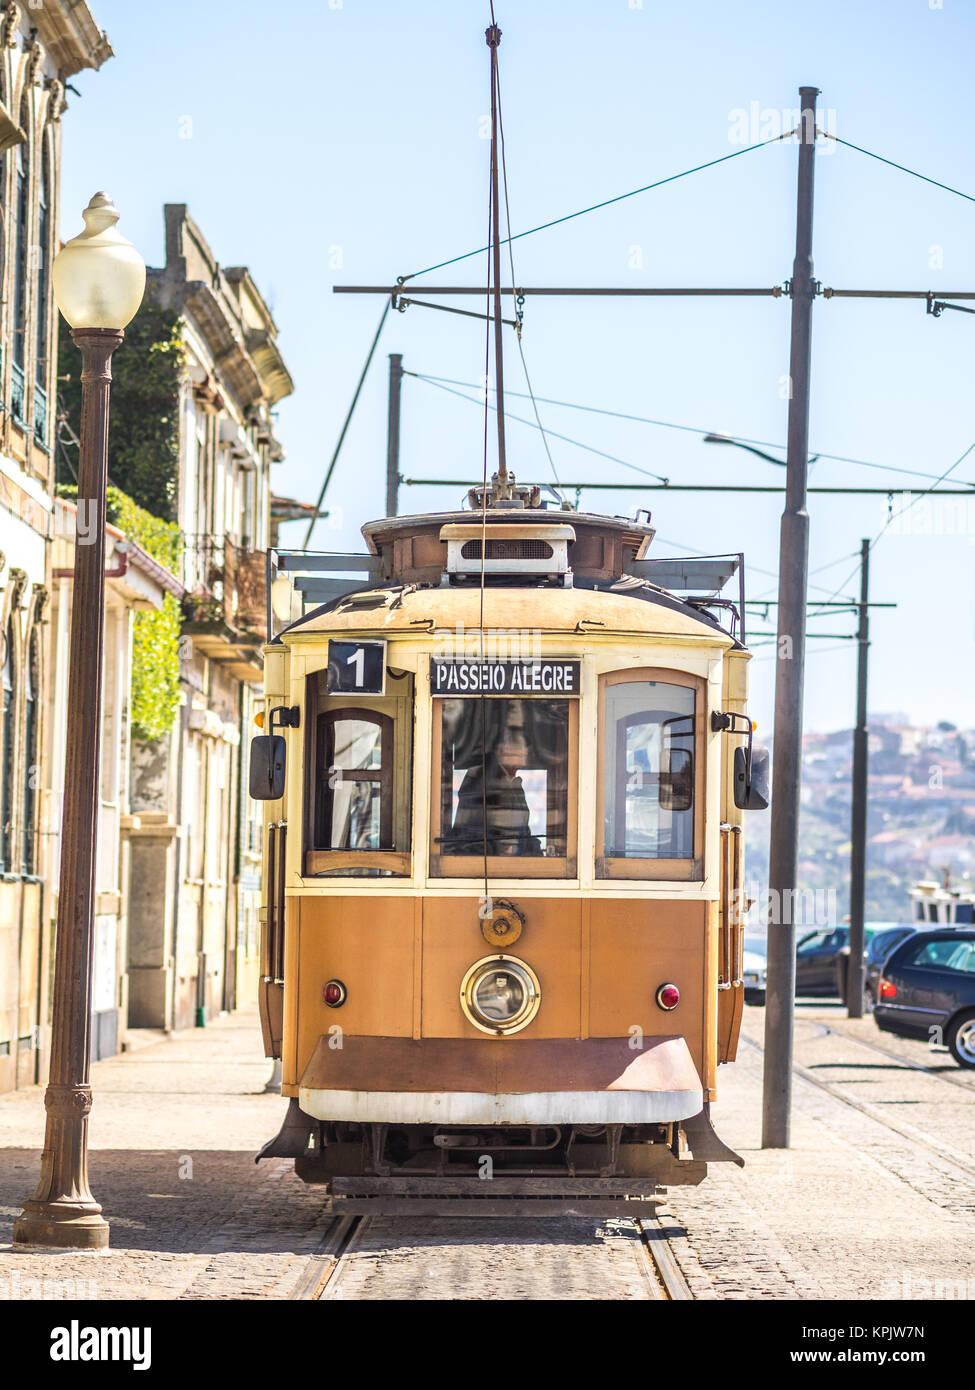 The Famous Passeio Alegre tram route in Porto - Stock Image